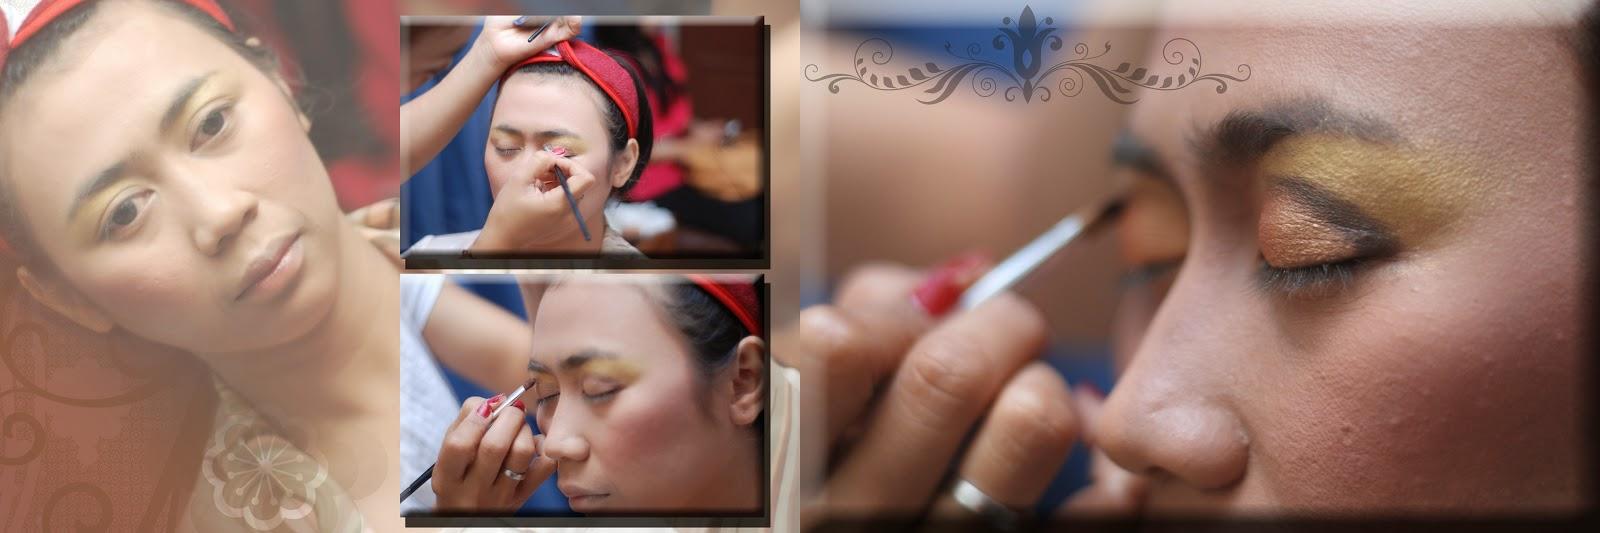 DOKUMENTASI JASA FOTO VIDEO SHOOTING PERNIKAHAN ADAT BALI MURAH ALBUM KOLASE DI JAKARTA CIBUBUR